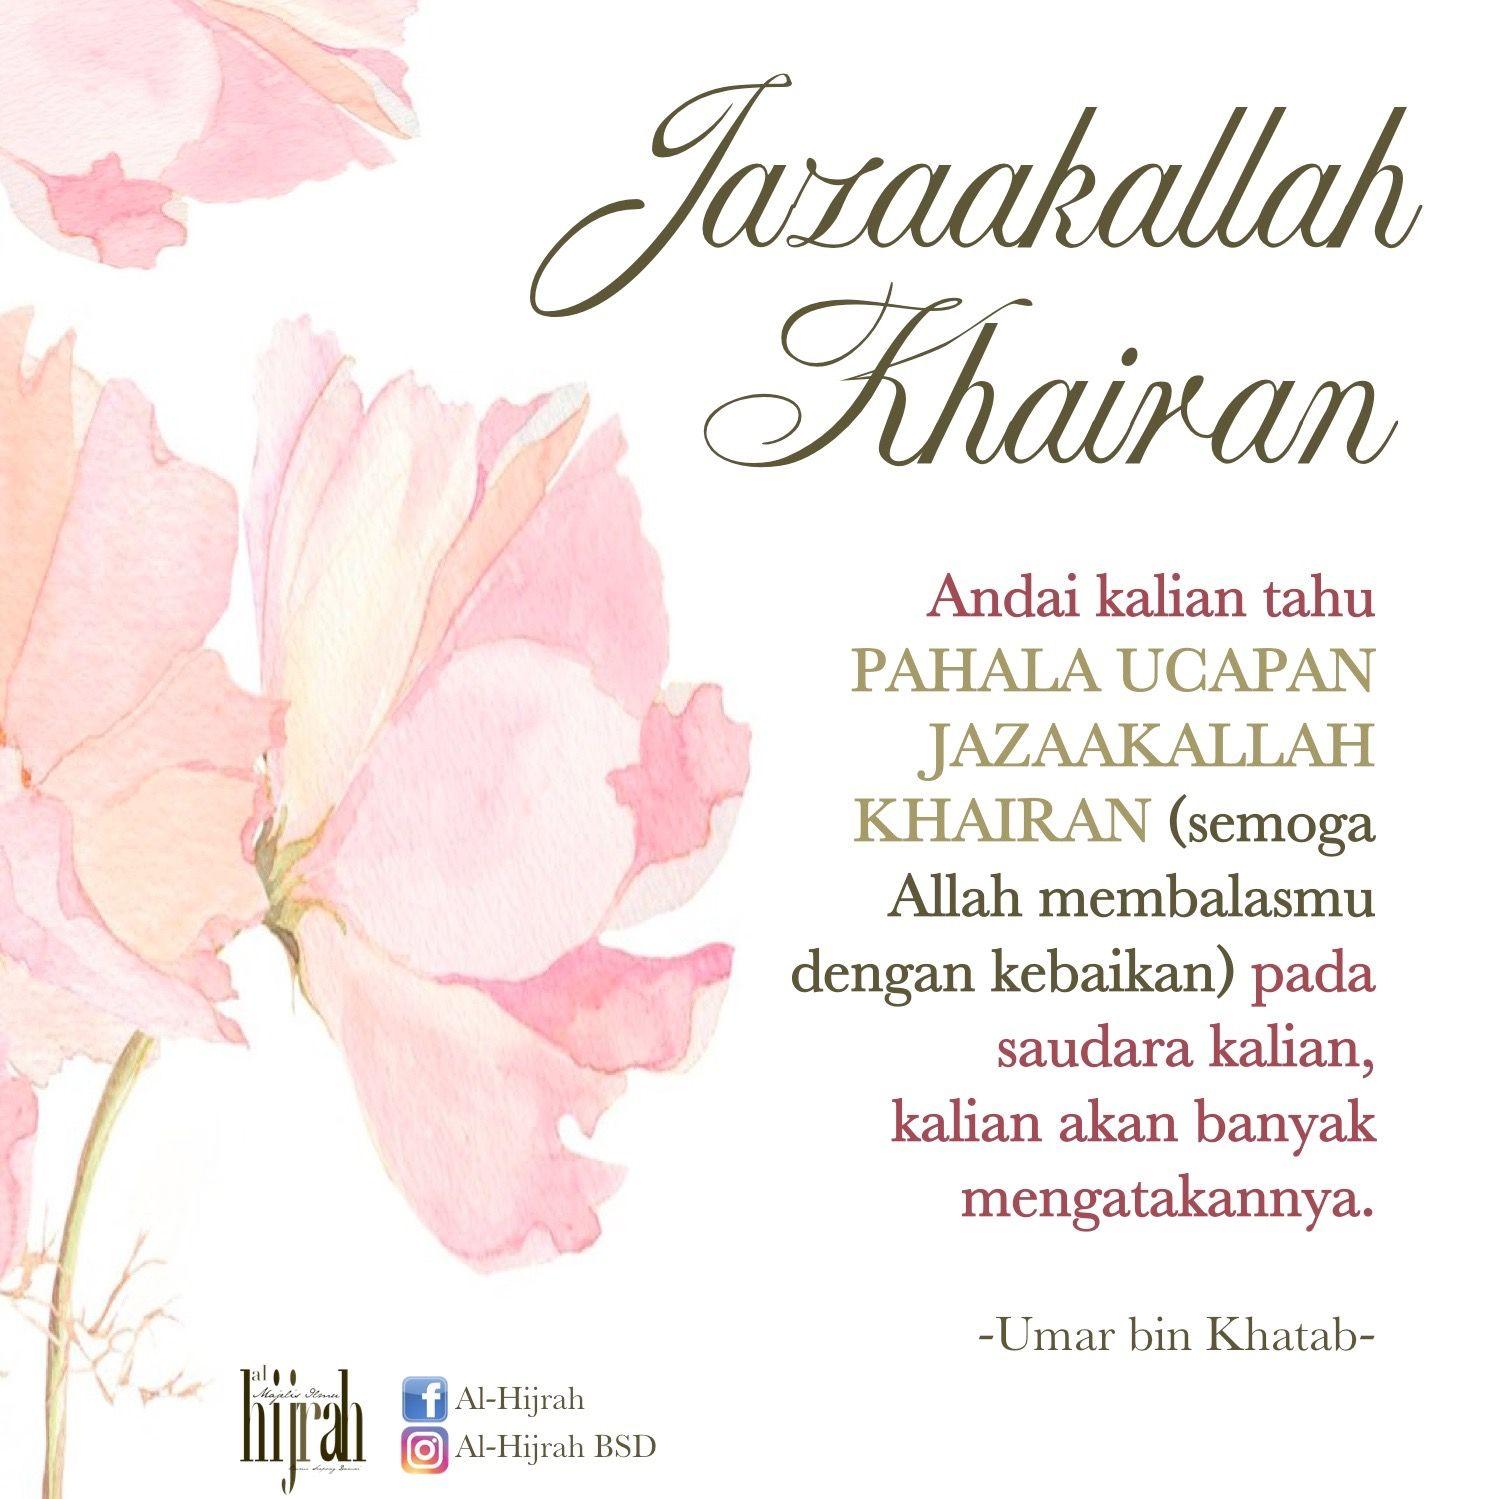 Jazaakallah Khayran Adalah Doa Sebagai Tanda Terimakasih Kita Pada Orang Yang Memberikan Kita Kebaikan Jazaakallah Jazaakillah Kutipan Bijak Doa Motivasi